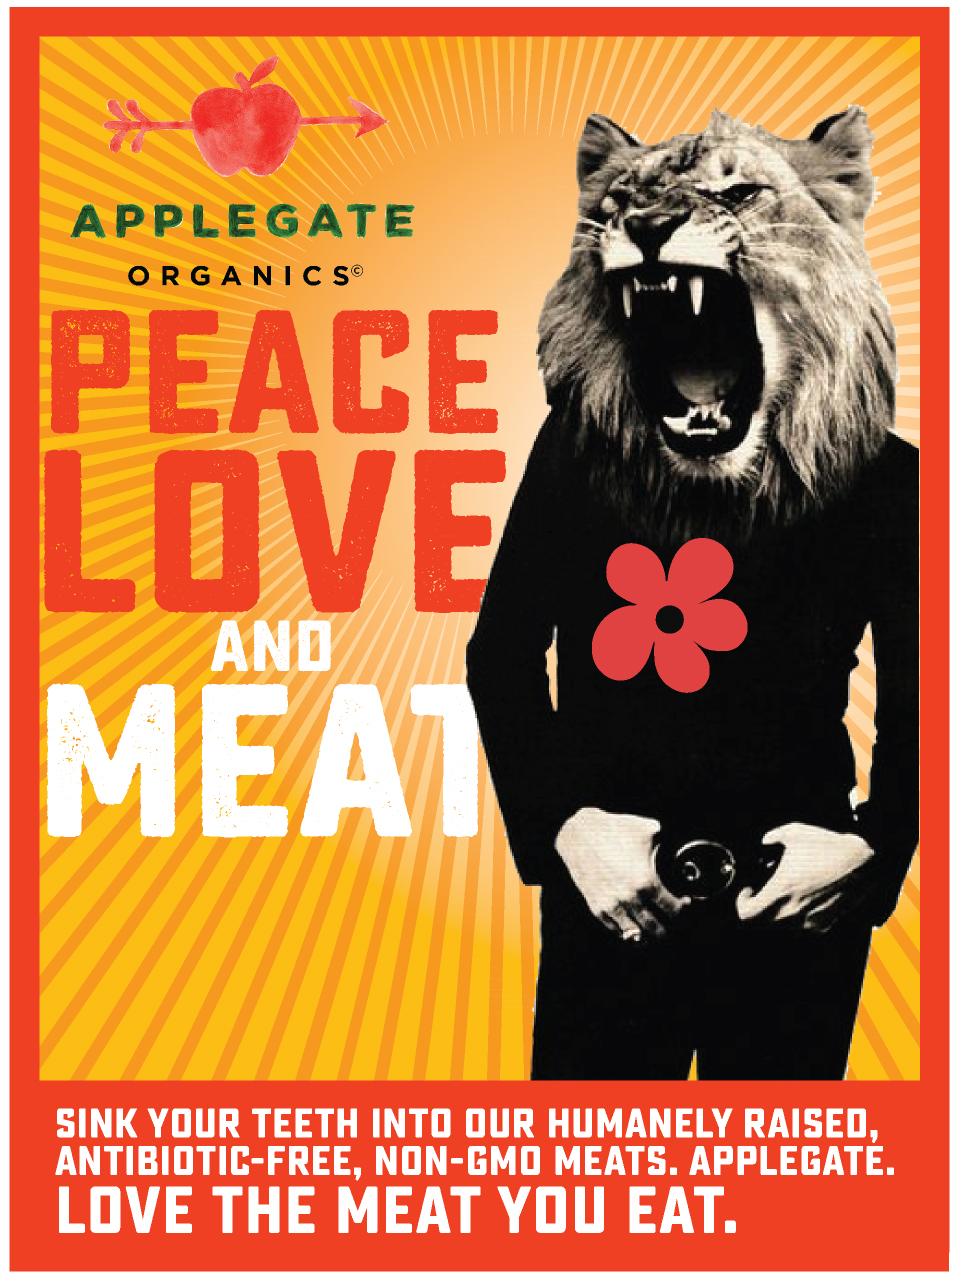 AG_PeaceLion.jpg